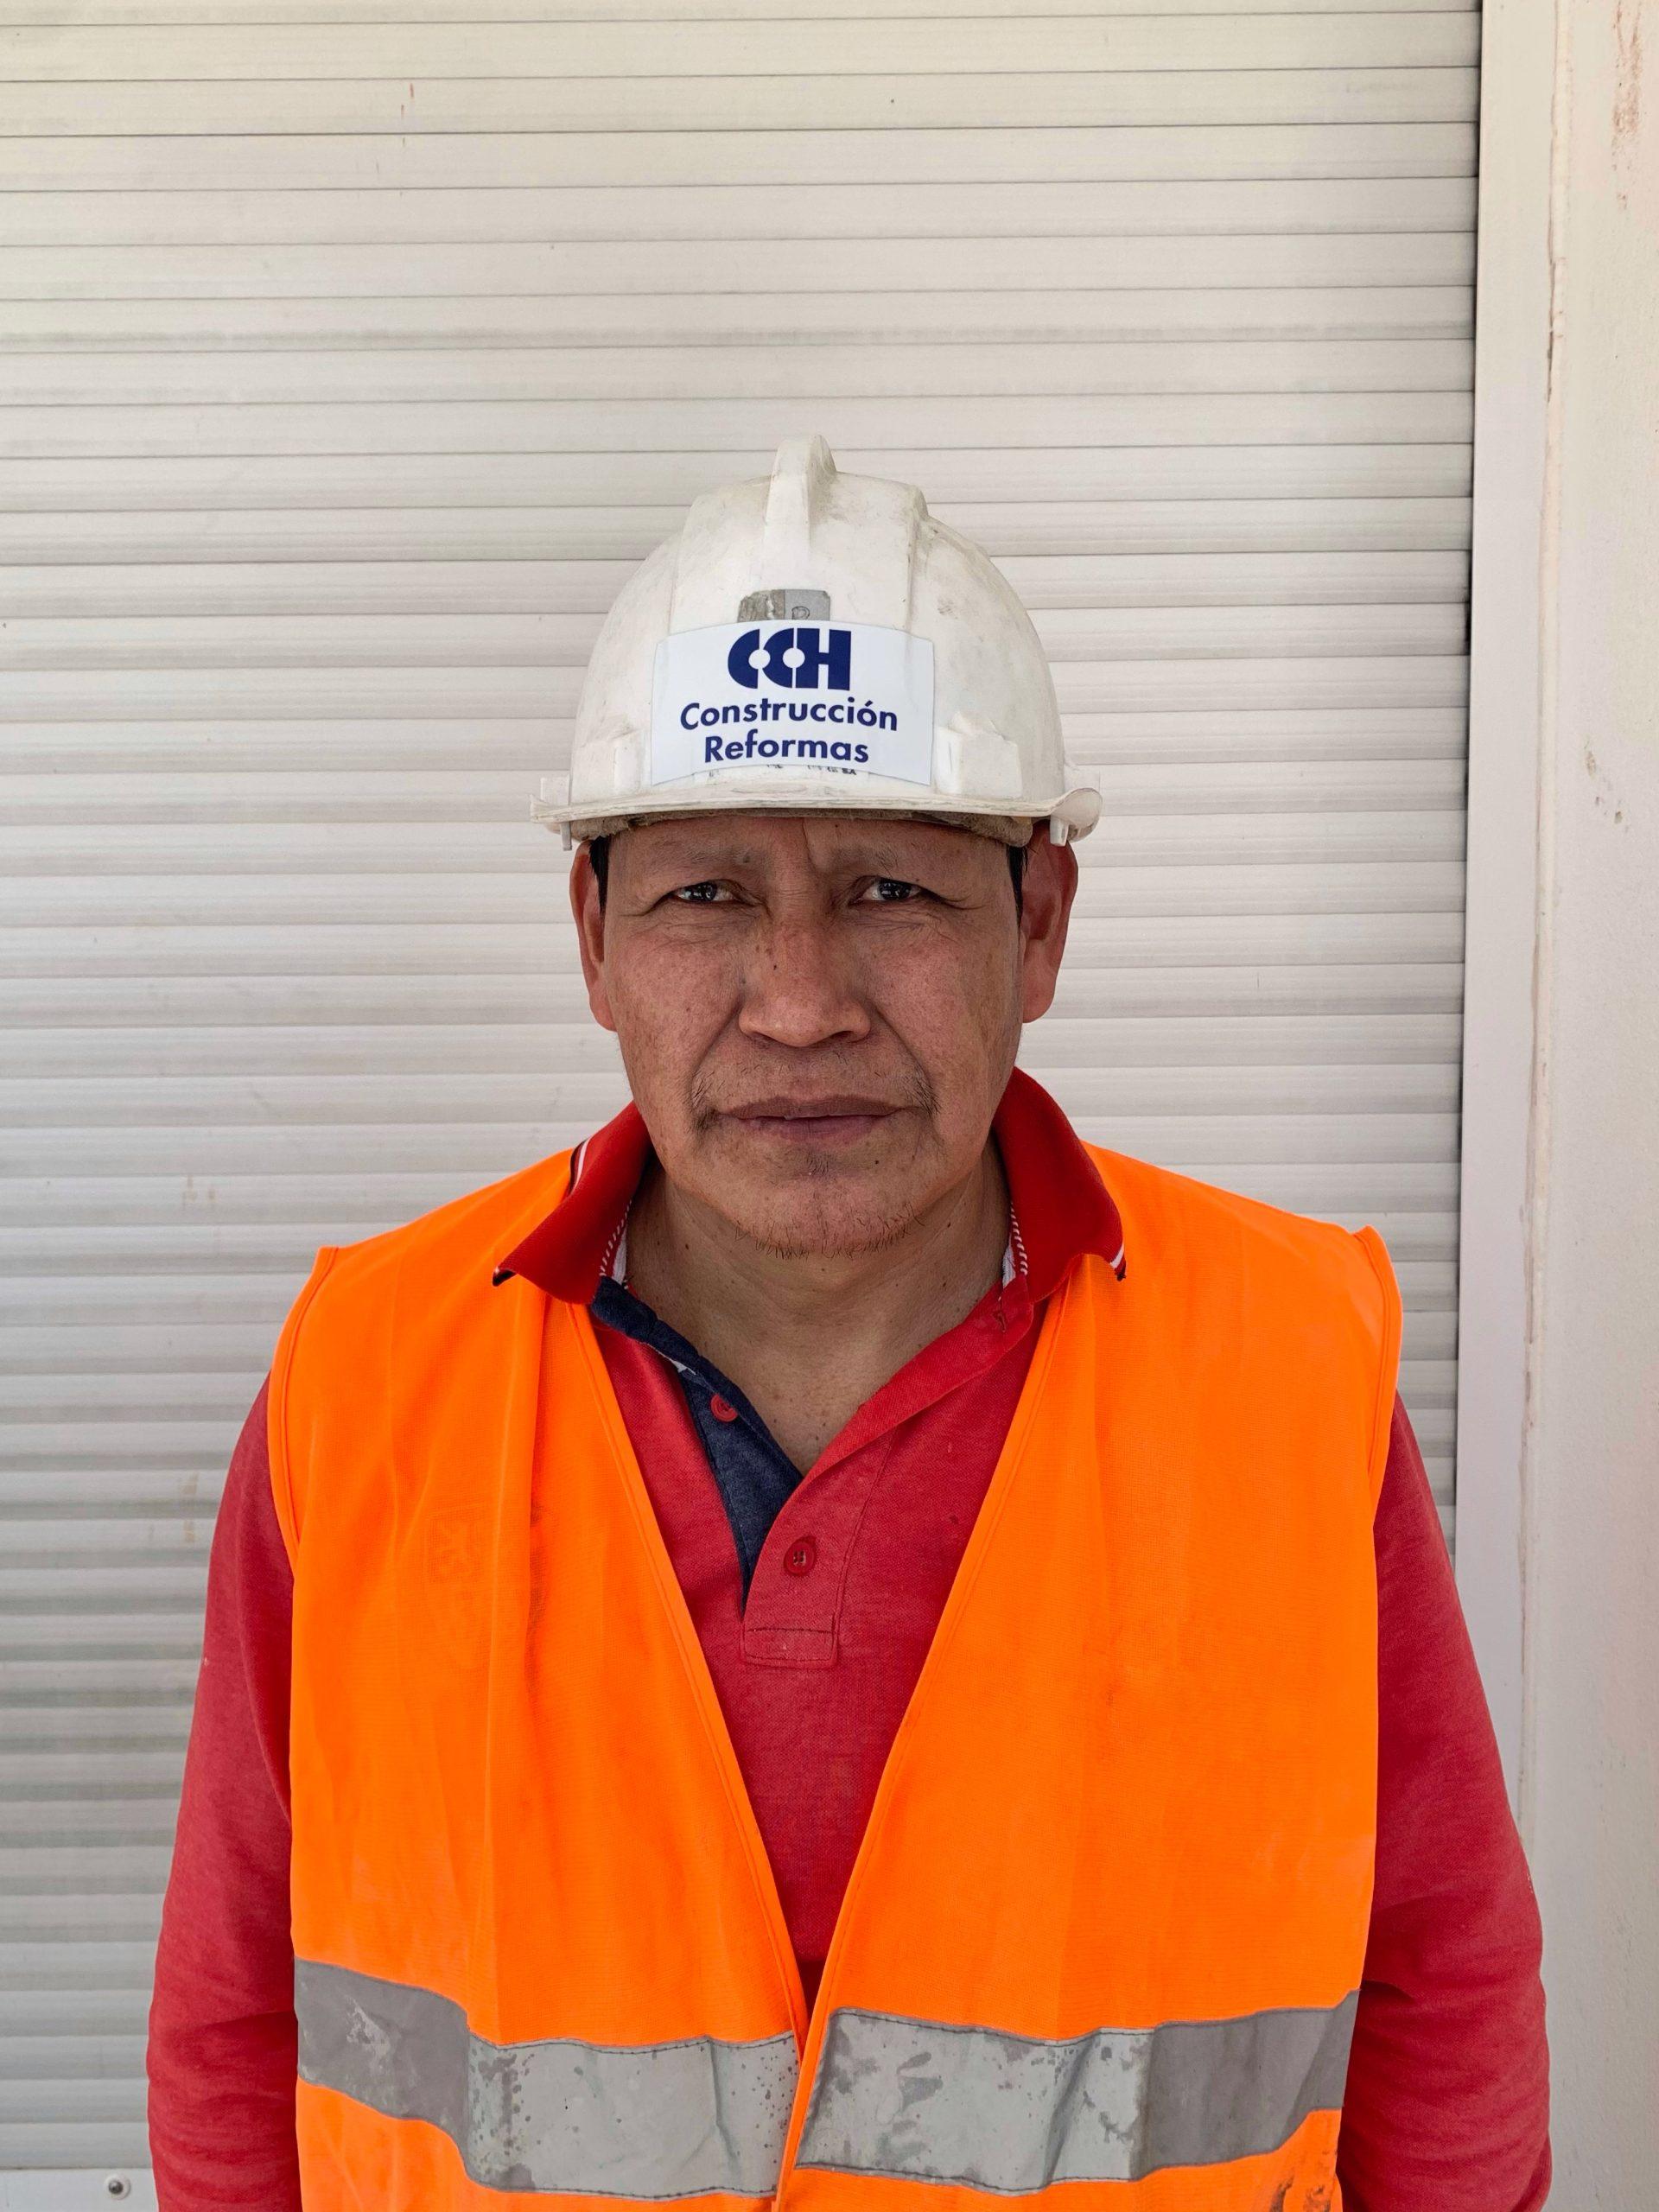 JOSÉ RICARDO CUNUHAY